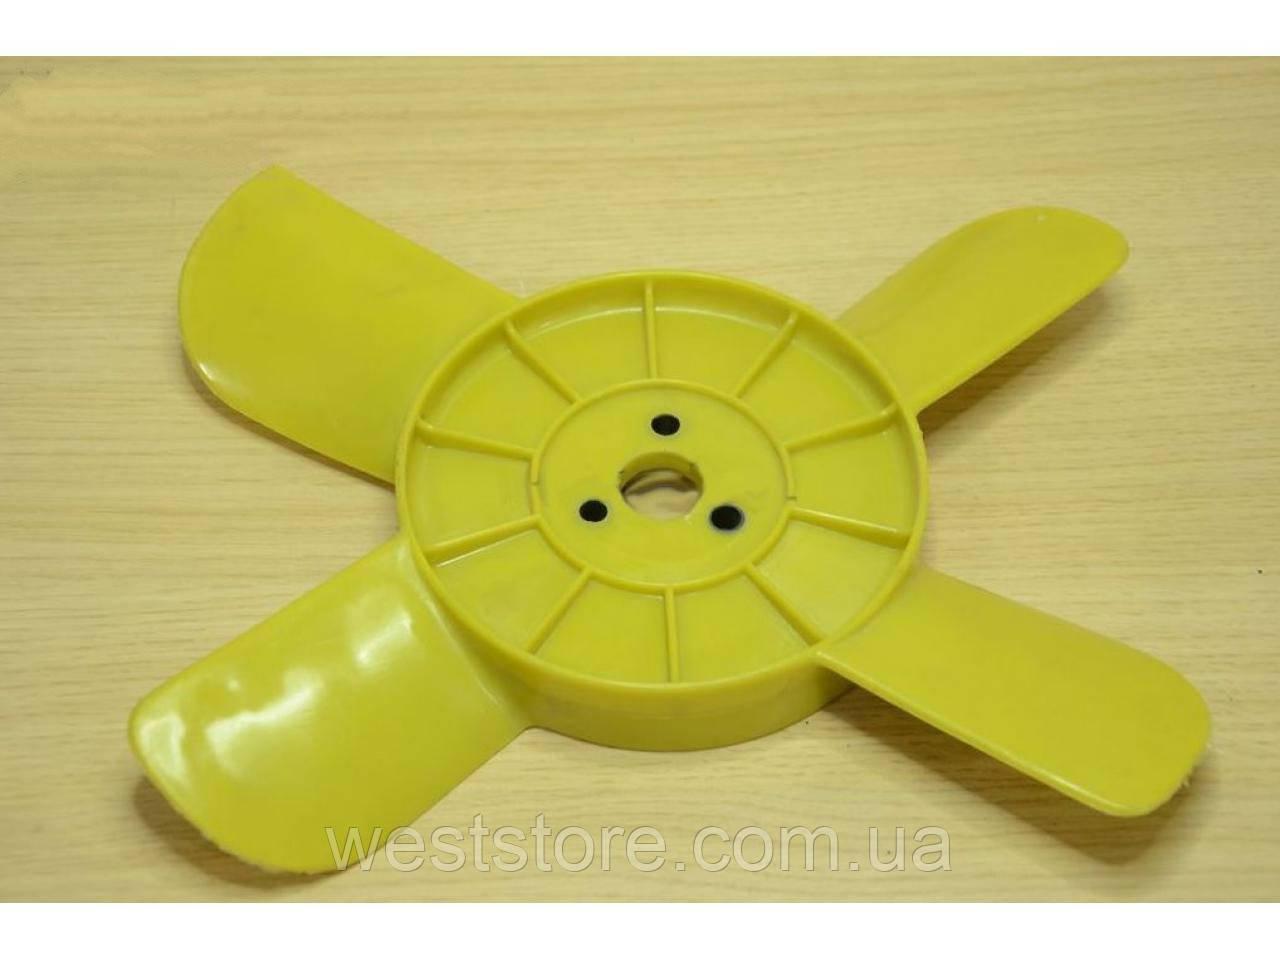 Крыльчатка вентилятора радиатора Ваз  2101 2102 2103 2104 2105 2106 2107 4-х лопастная желтая Россия